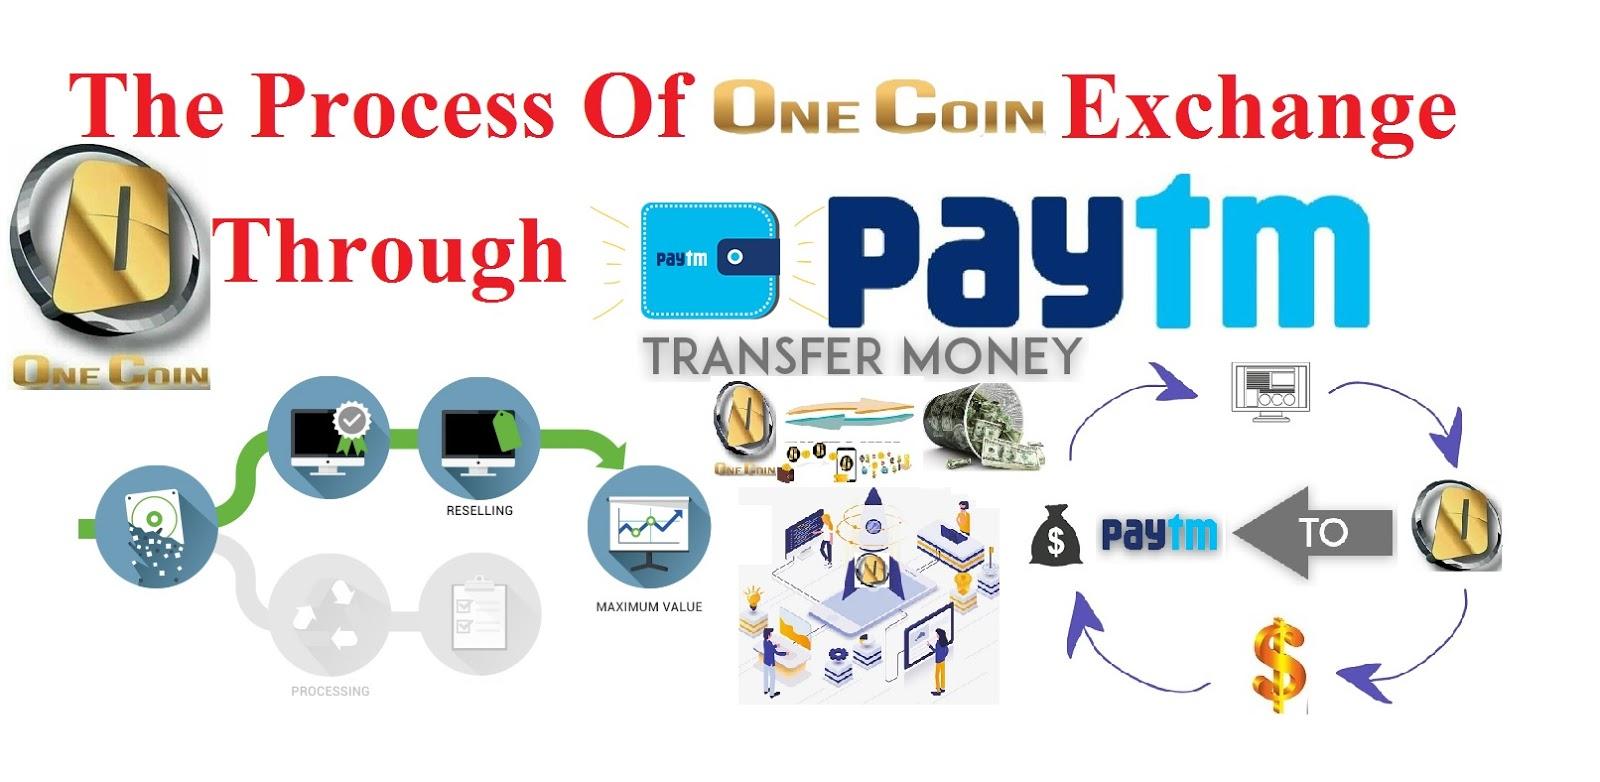 Onecoin Exchange Through Paytm